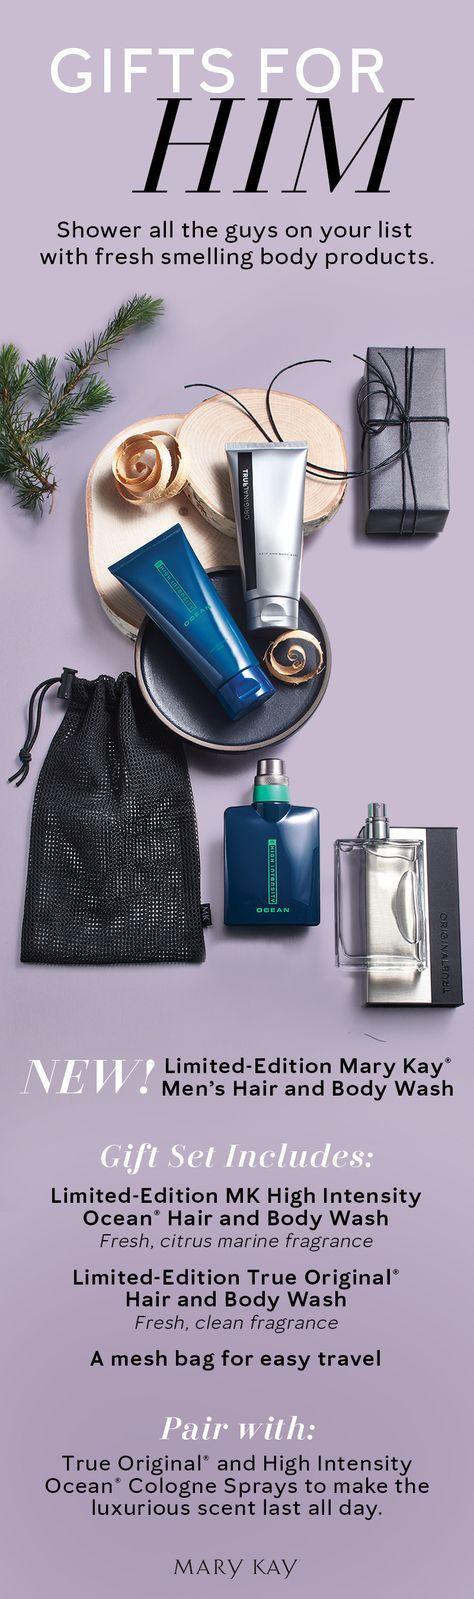 77 Mkmen Ideas In 2020 Shave Foam Mary Kay Skin Care Mary Kay Cosmetics